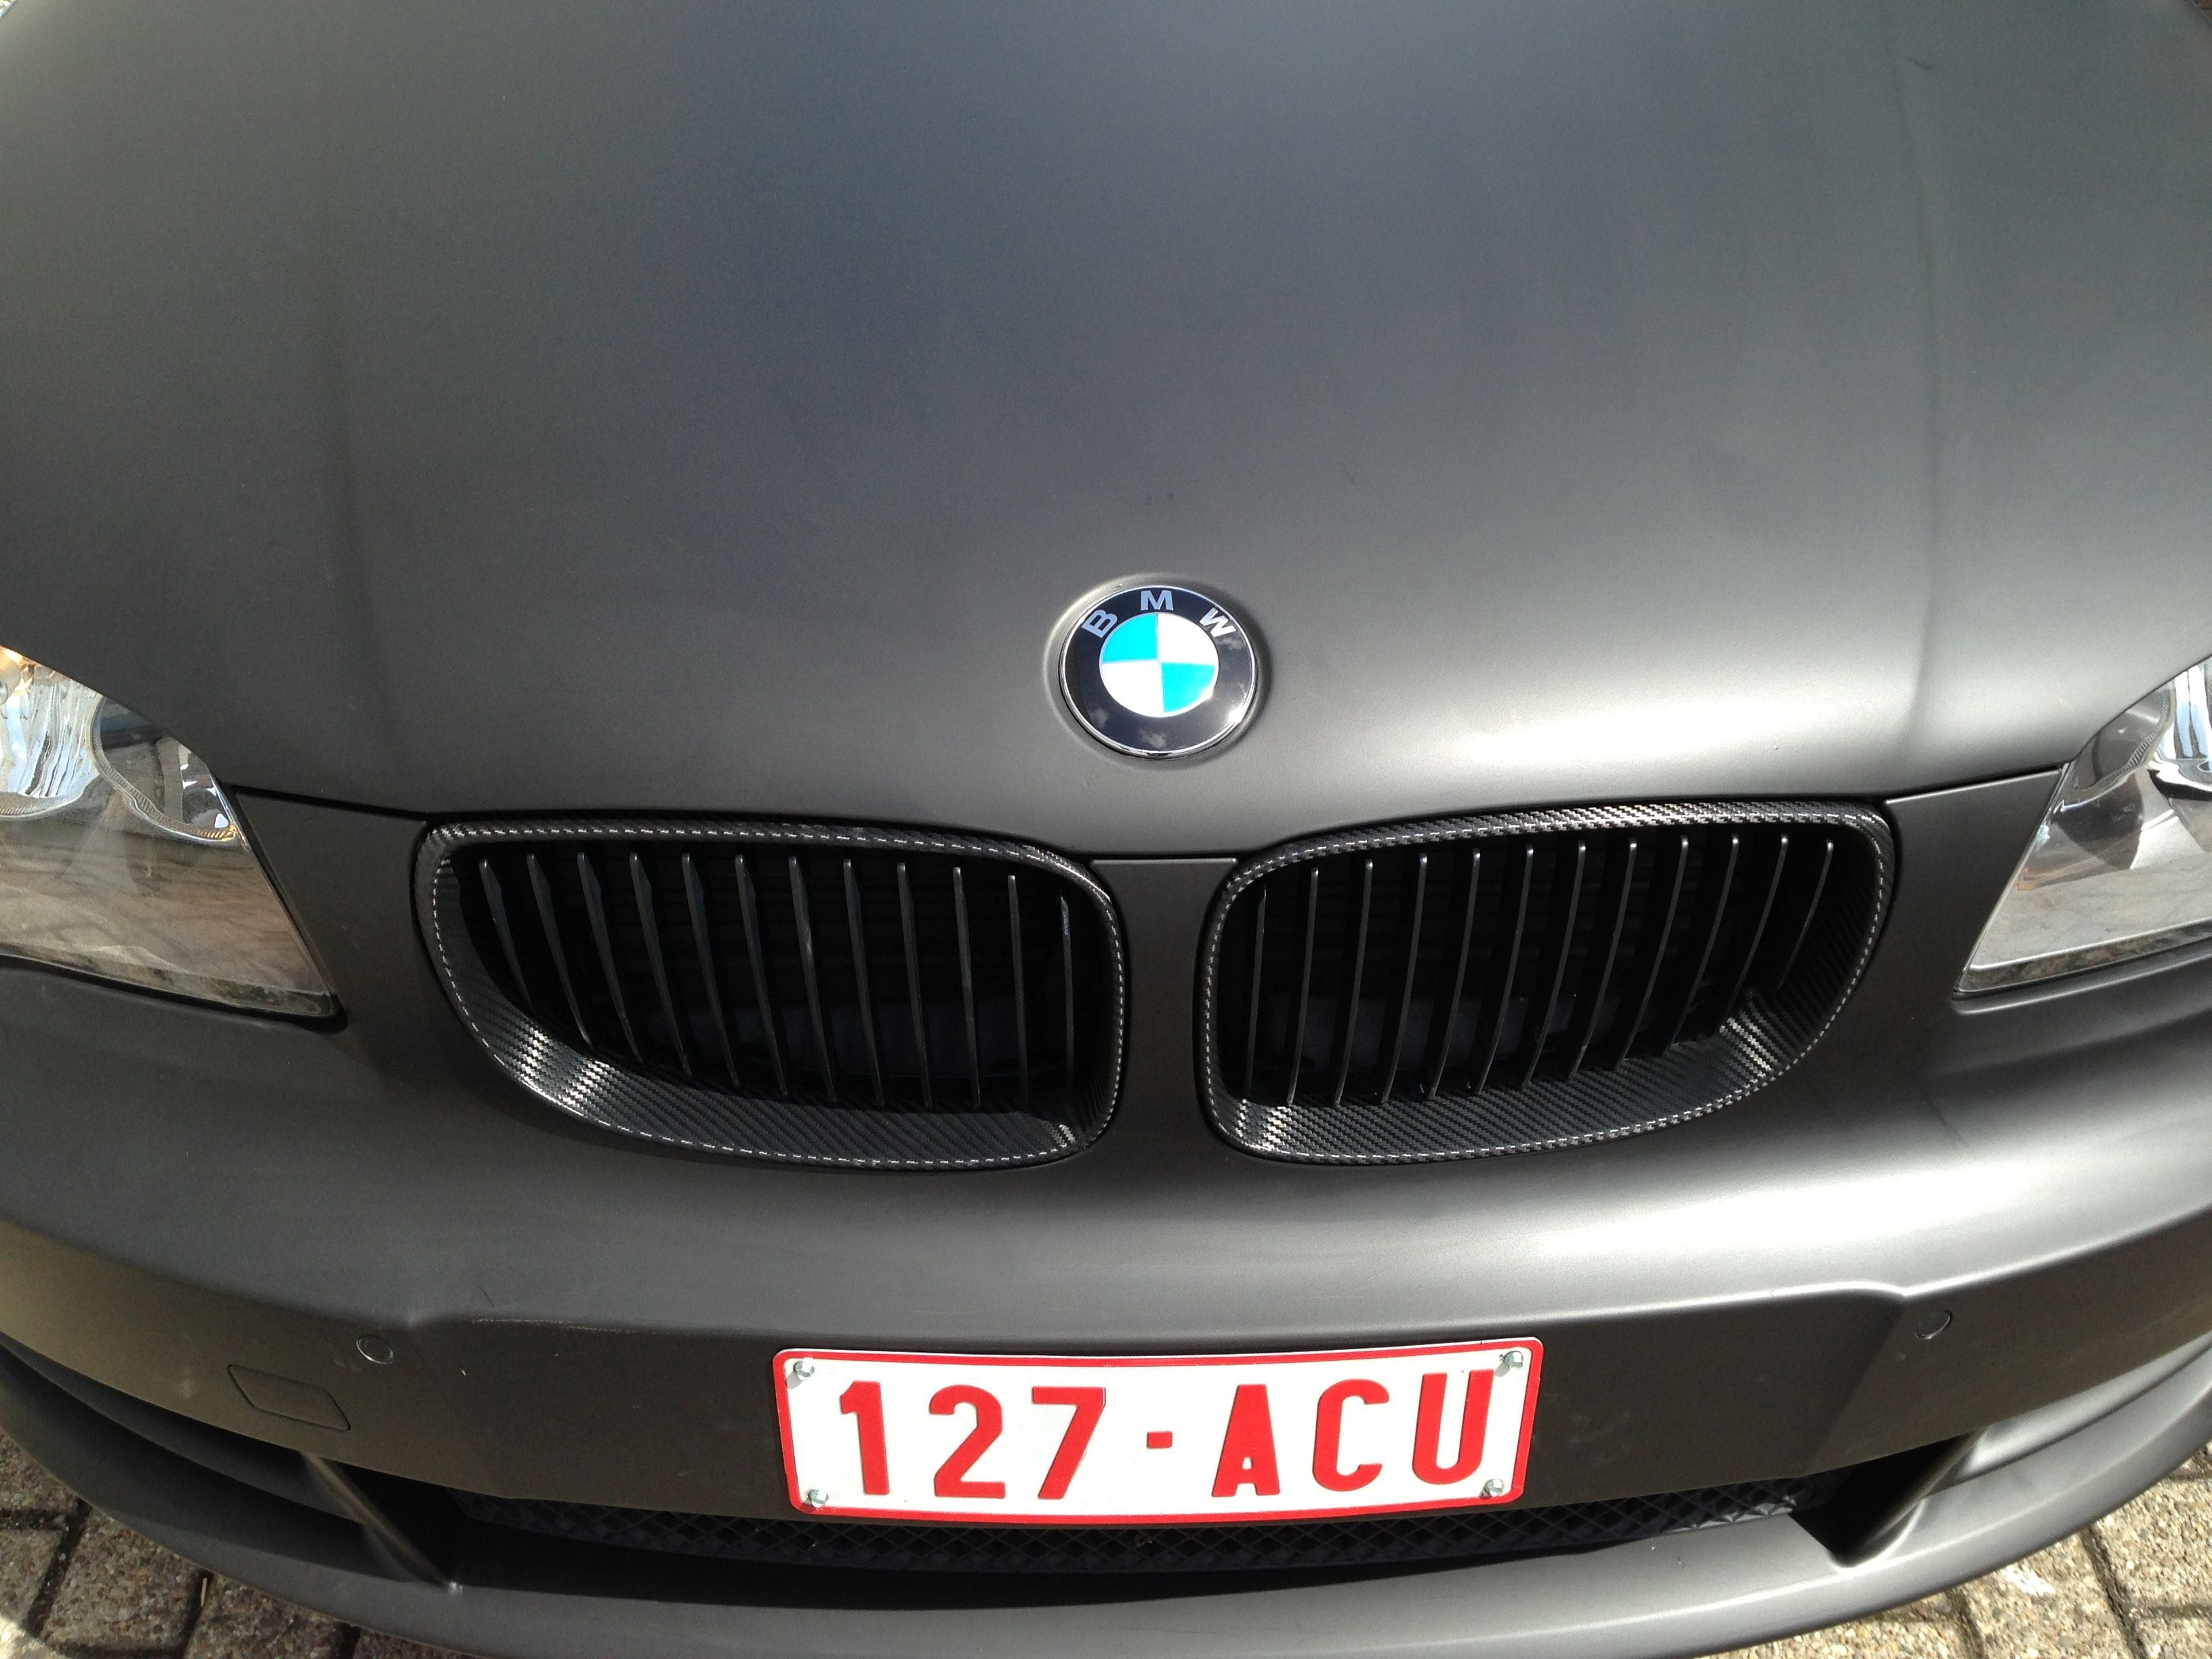 BMW 1 Serie Cabrio met Mat Zwarte Wrap, Carwrapping door Wrapmyride.nu Foto-nr:5194, ©2021